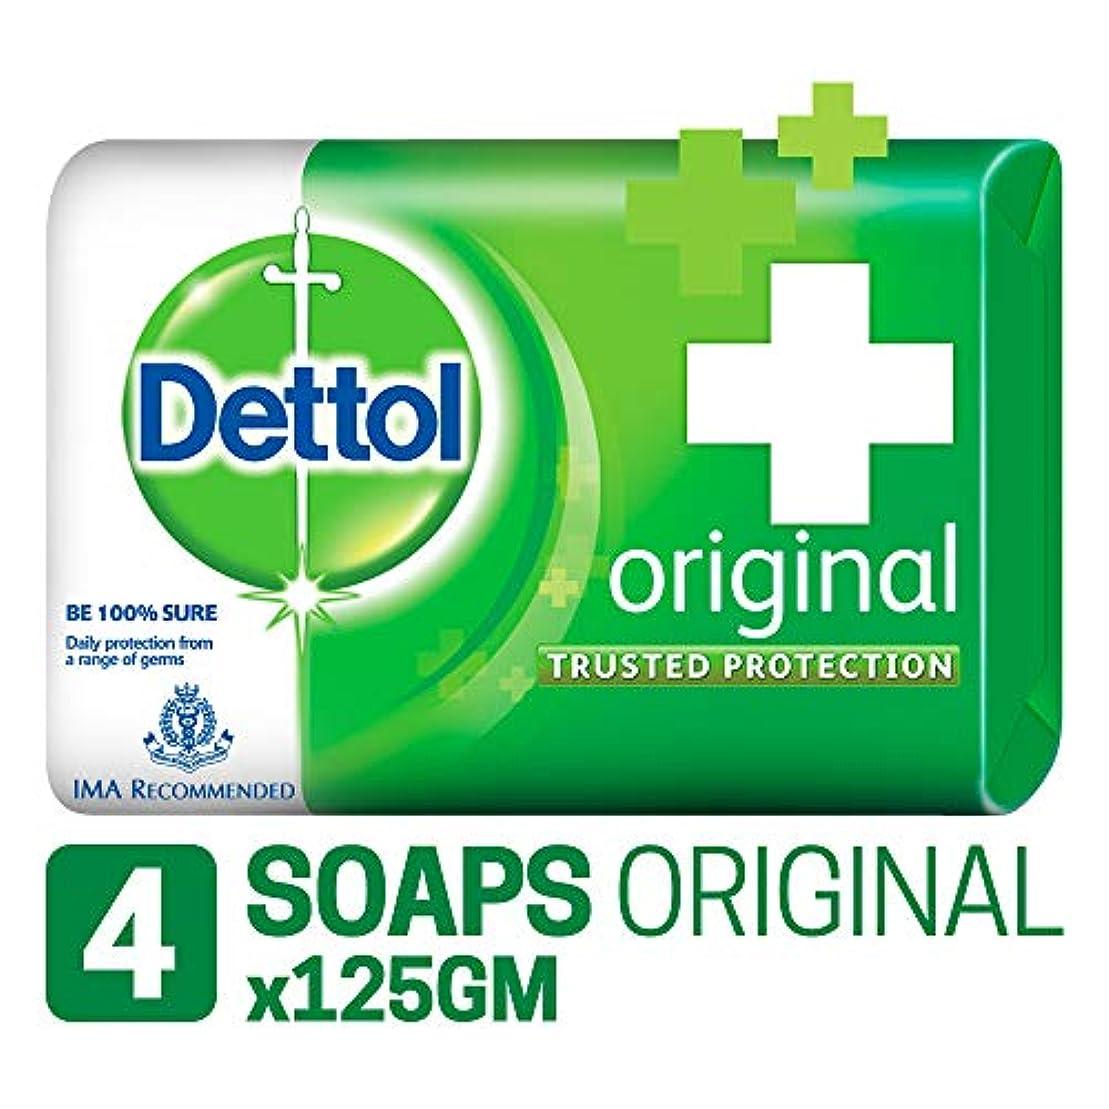 配管ズボン平行Dettol Original Soap, 125g (Pack Of 4) SHIP FROM INDIA